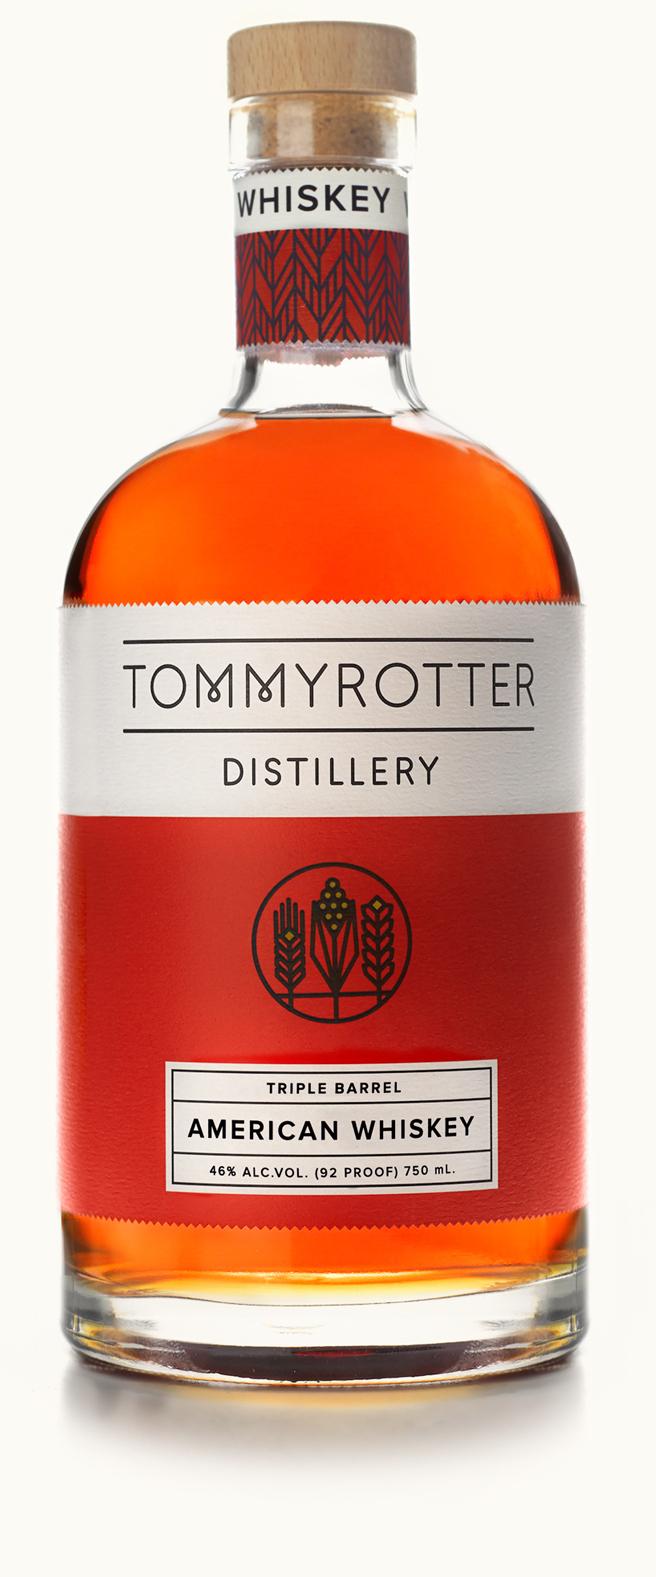 tommyrotter_spirits_whiskey.jpg